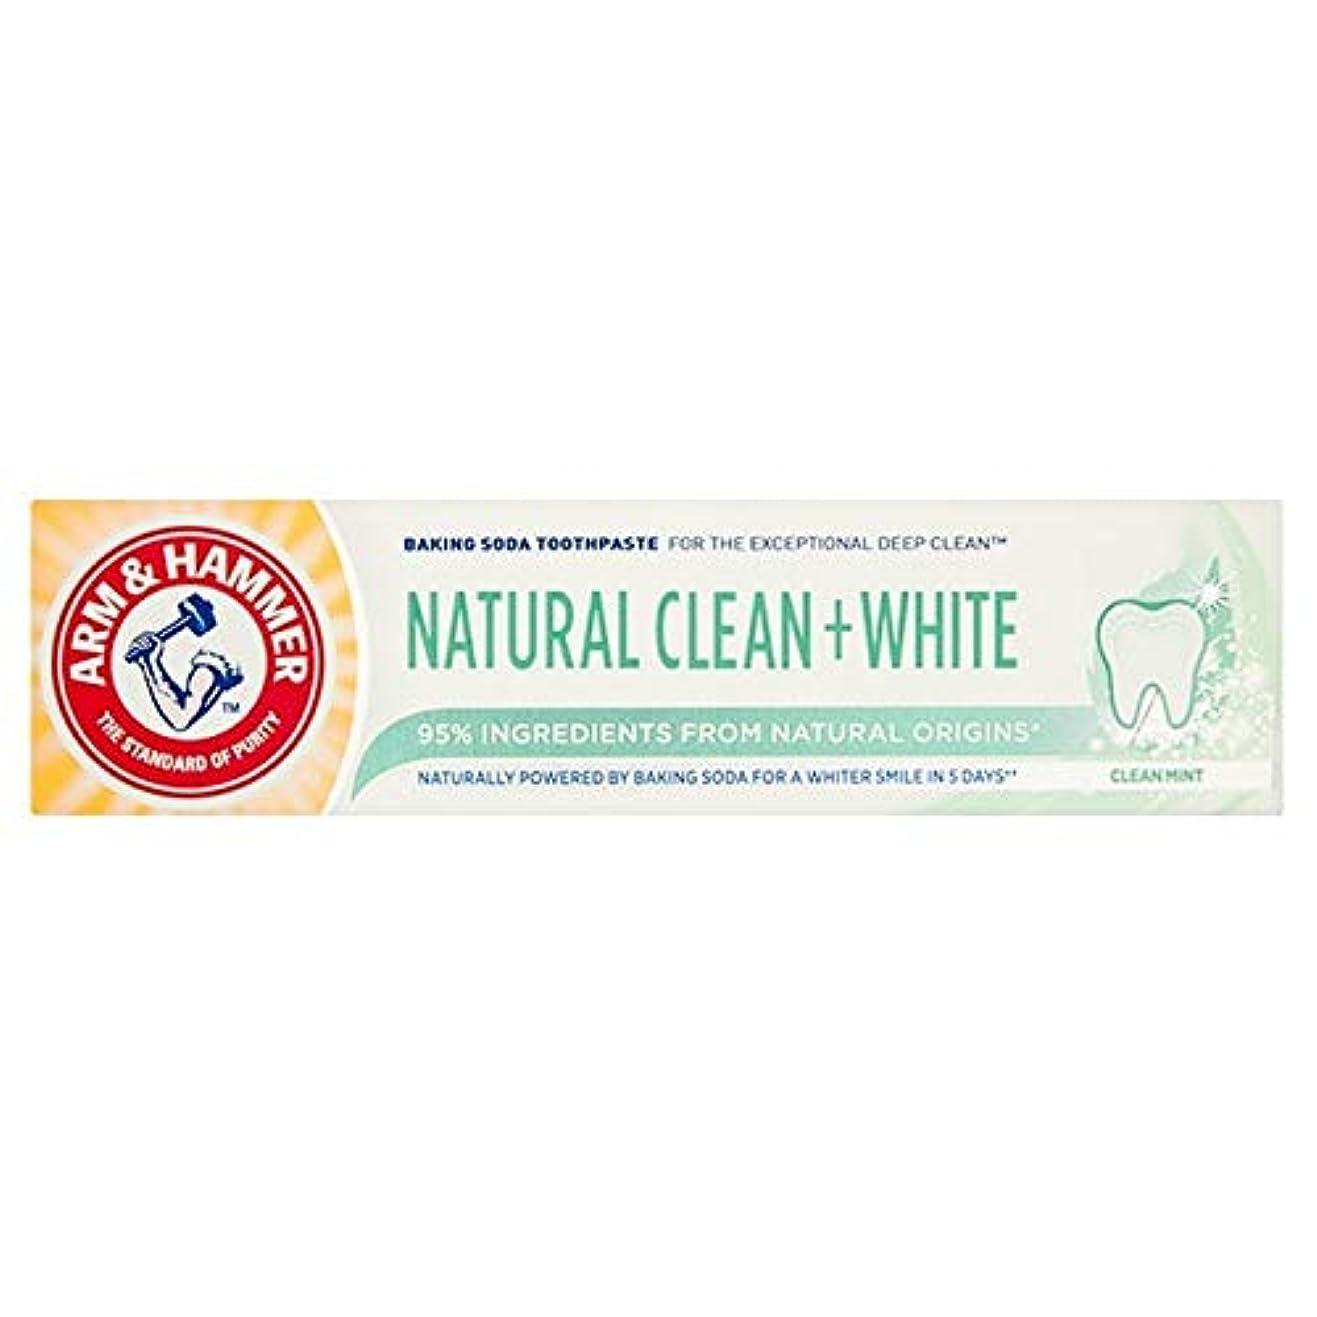 複数損なう情熱的[Arm & Hammer ] アーム&ハンマーナチュラルクリーン+白75ミリリットル - Arm & Hammer Natural Clean + White 75ml [並行輸入品]